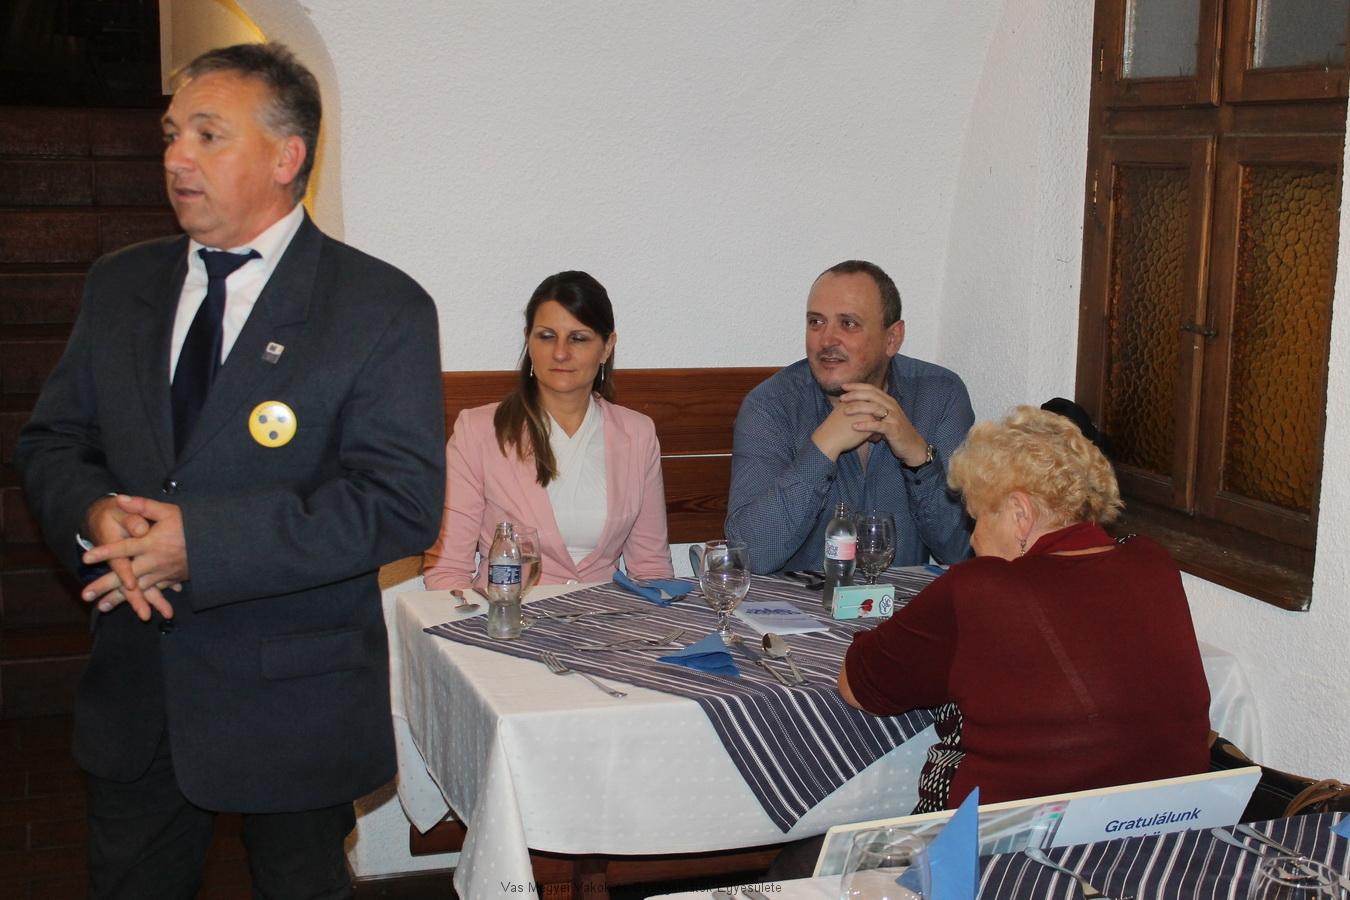 Bősze György elnök úr megnyitja a vacsorát, és elmondja, mire lehet számítani.